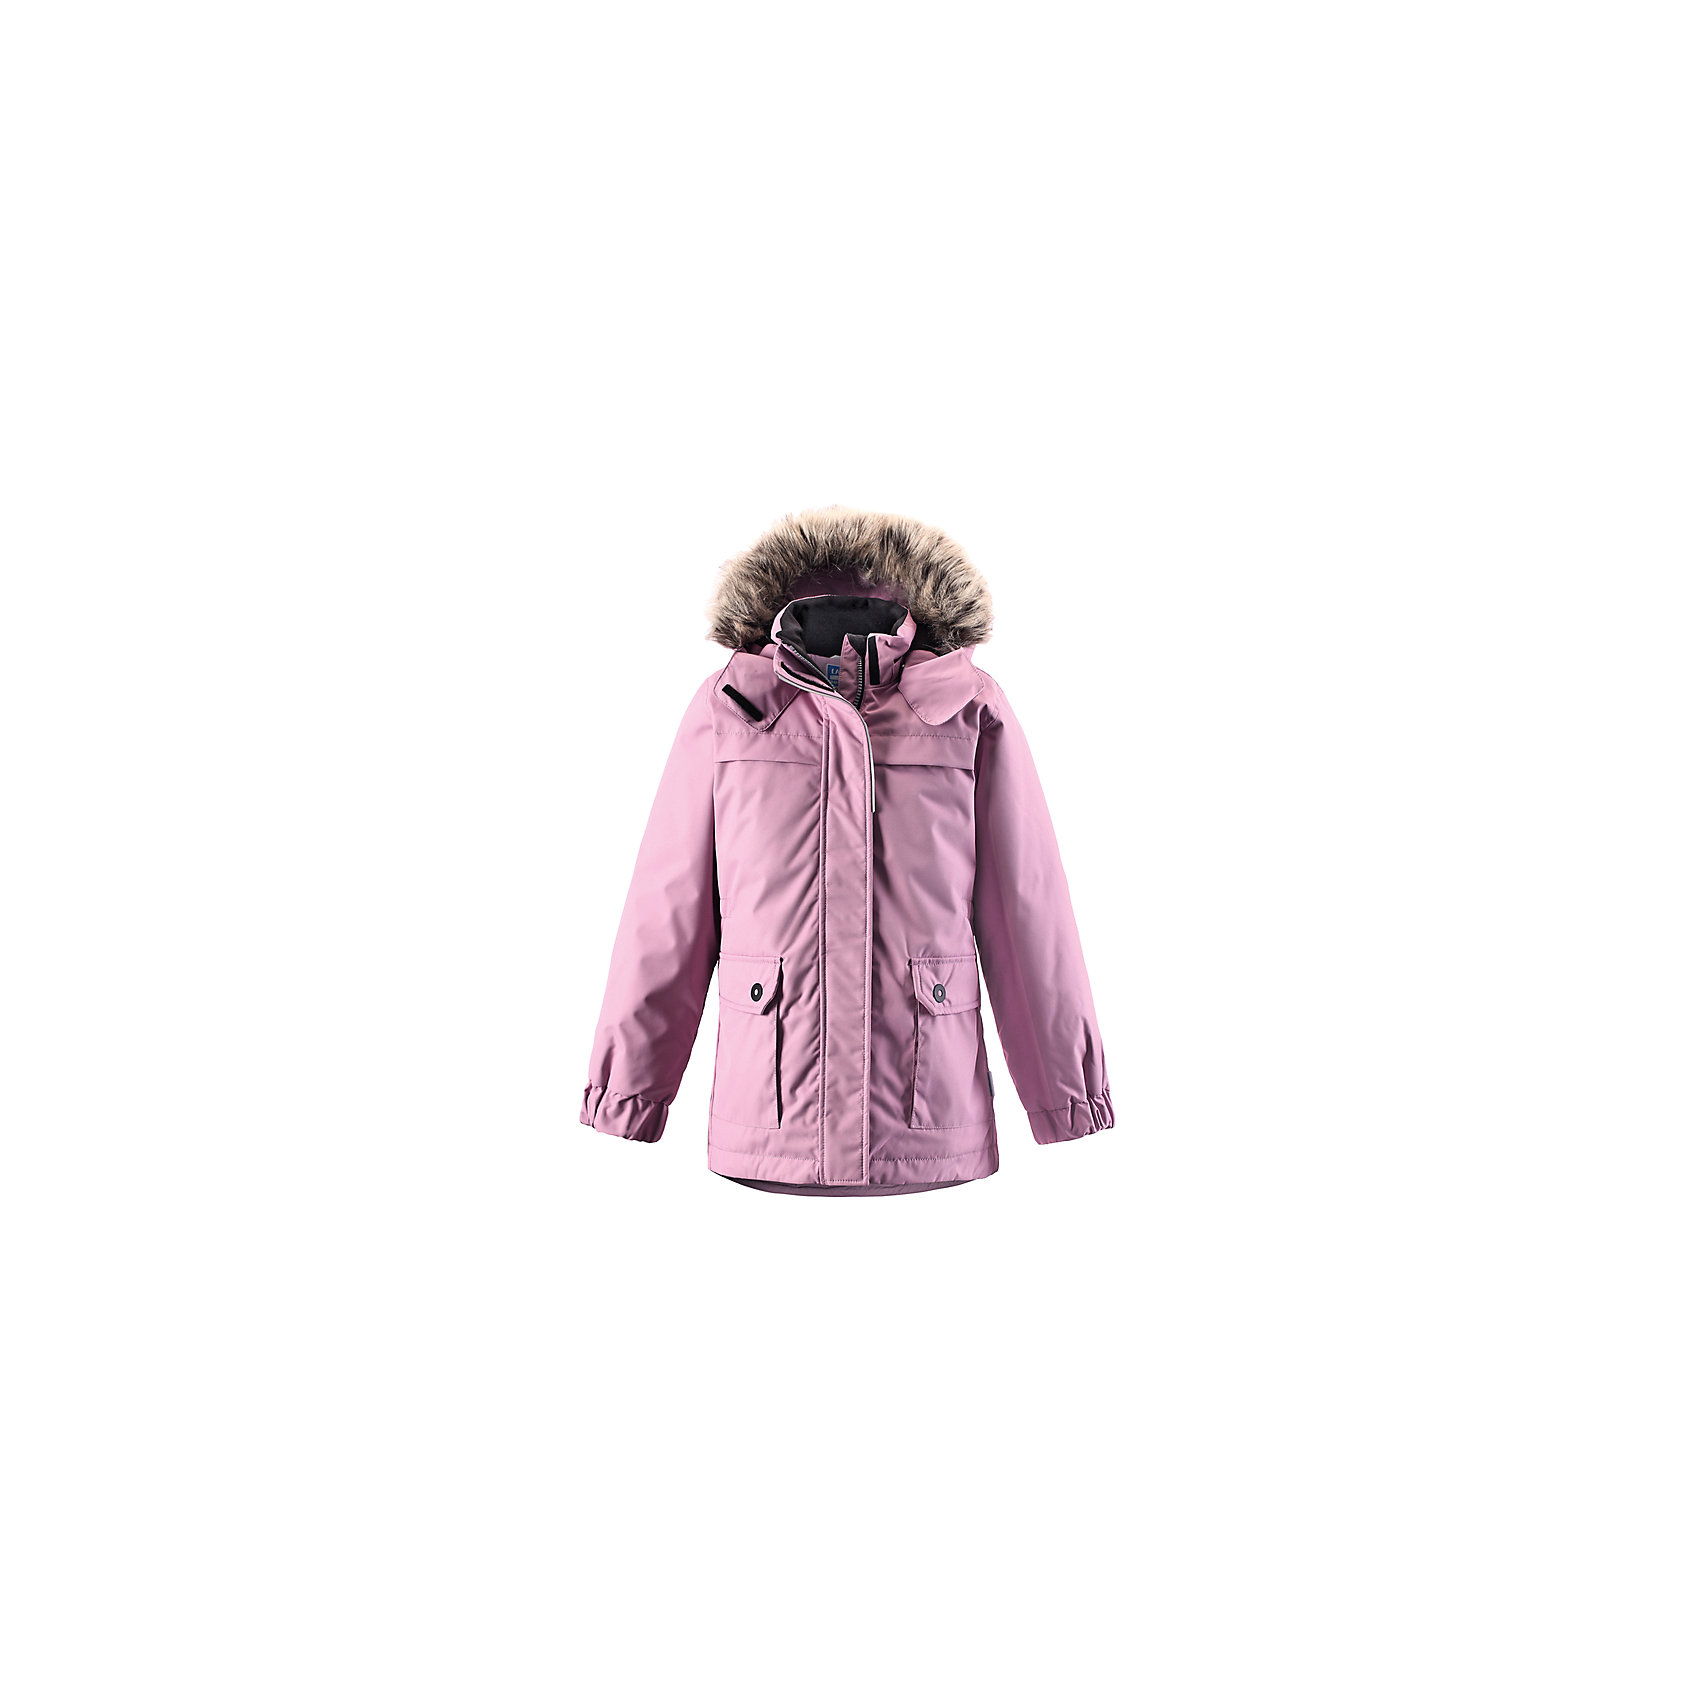 Куртка LASSIEОдежда<br>Зимняя куртка для детей известной финской марки.<br><br>- Водоотталкивающий, ветронепроницаемый, «дышащий» и грязеотталкивающий материал.<br>- Крой для девочек.<br>- Гладкая подкладка из полиэстра.<br>- Средняя степень утепления<br>-  Безопасный съемный капюшон с отсоединяемой меховой каймой из искусственного меха. <br>- Эластичные манжеты. Регулируемый обхват талии.<br>-  Карманы с клапанами. <br><br> Рекомендации по уходу: Стирать по отдельности, вывернув наизнанку. Перед стиркой отстегните искусственный мех. Застегнуть молнии и липучки. Соблюдать температуру в соответствии с руководством по уходу. Стирать моющим средством, не содержащим отбеливающие вещества. Полоскать без специального средства. Сушение в сушильном шкафу разрешено при  низкой температуре.<br><br>Состав: 100% Полиамид, полиуретановое покрытие.  Утеплитель «Lassie wadding» 180гр.<br><br>Ширина мм: 356<br>Глубина мм: 10<br>Высота мм: 245<br>Вес г: 519<br>Цвет: розовый<br>Возраст от месяцев: 48<br>Возраст до месяцев: 60<br>Пол: Женский<br>Возраст: Детский<br>Размер: 110,128,134,140,116,92,122,98,104<br>SKU: 4782338